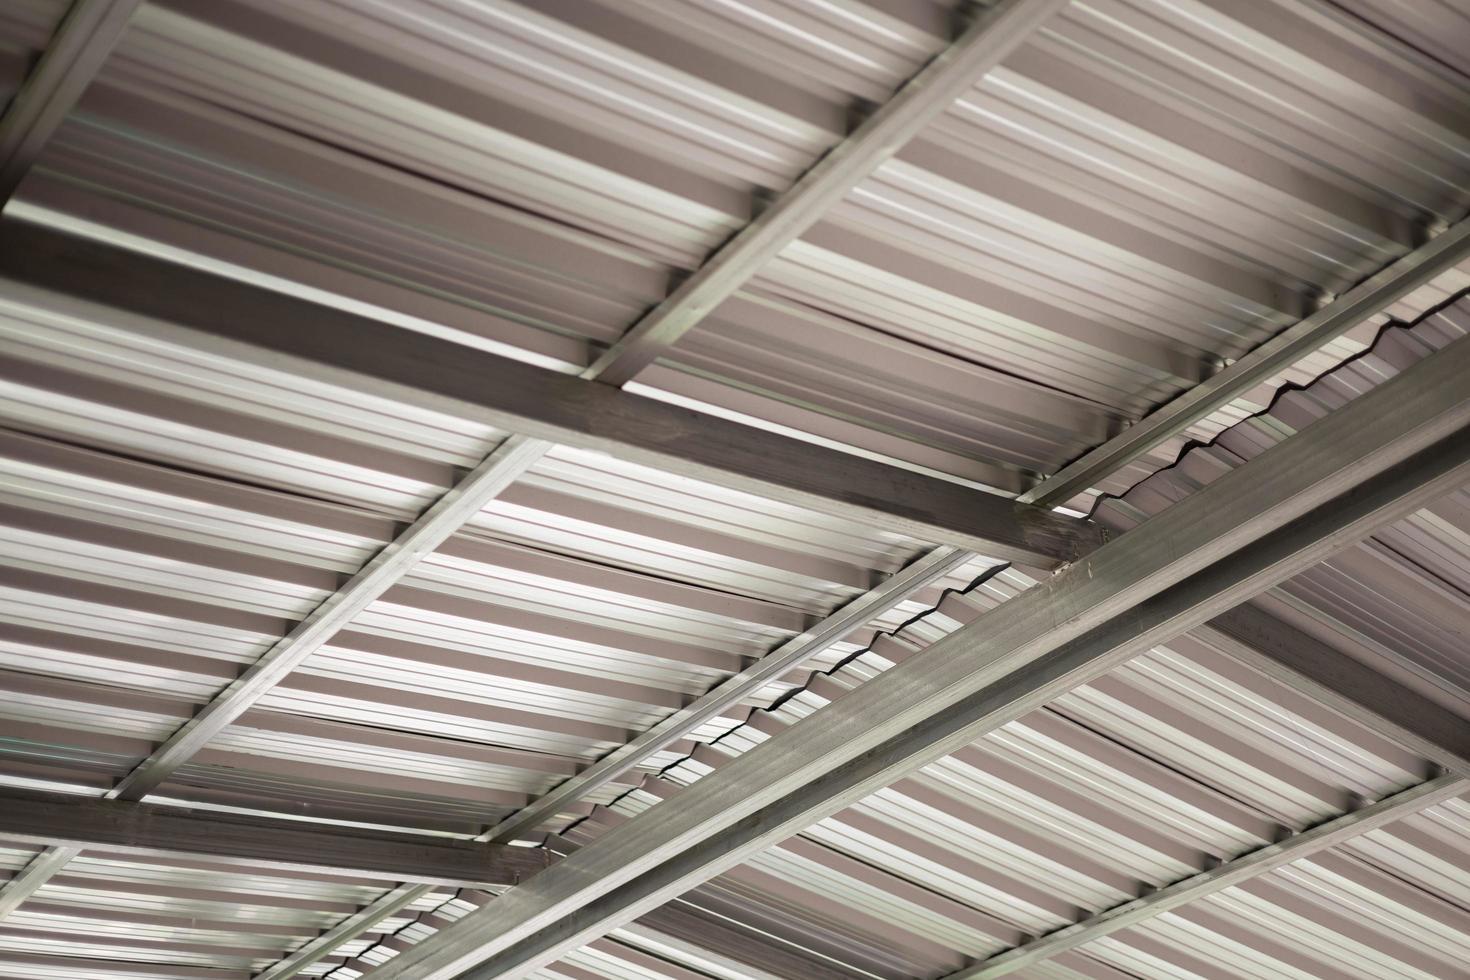 aluminiumplåttak industriellt byggtak foto